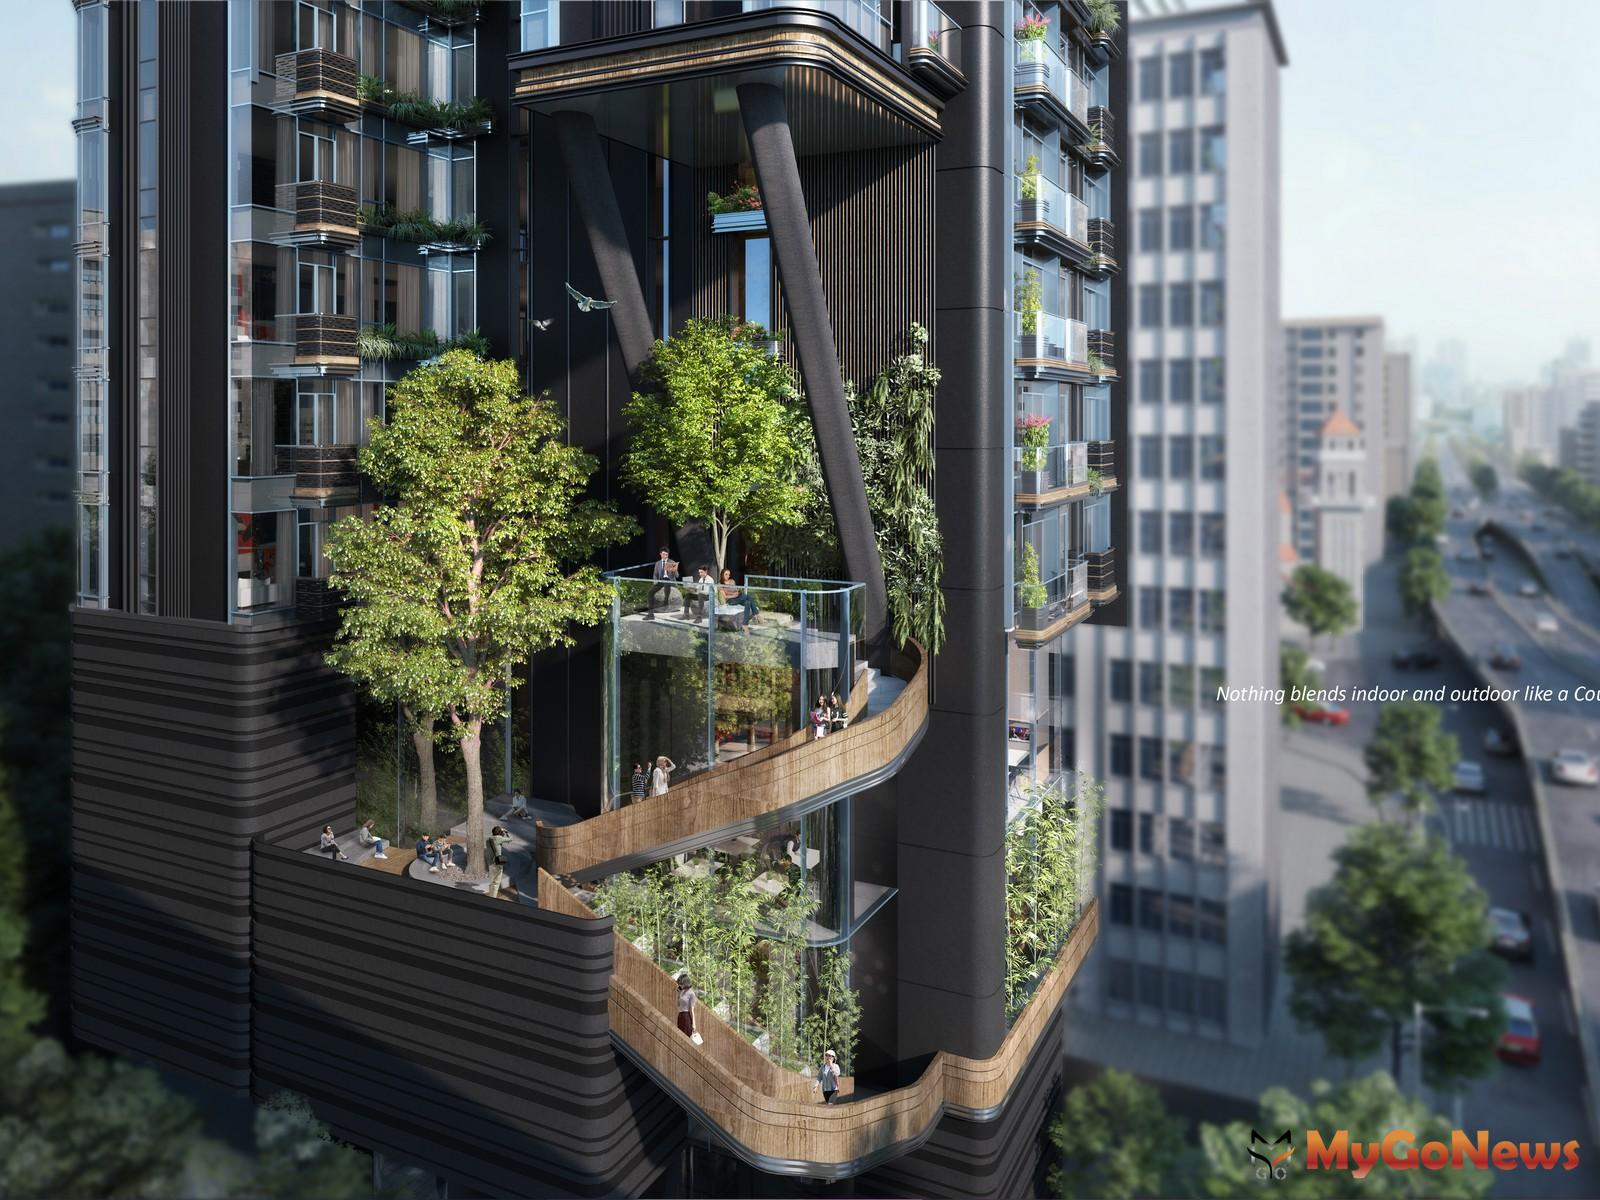 香港呂元祥建築師事務所看台灣城市再升級,庭缘建案將「庭院」的概念結合並應用於高樓設計中,極具標誌式戶外樓梯設計,不僅創造植栽擁抱建築的氛圍,也強化「城市森林建築」的落實(圖/業者提供) MyGoNews房地產新聞 市場快訊